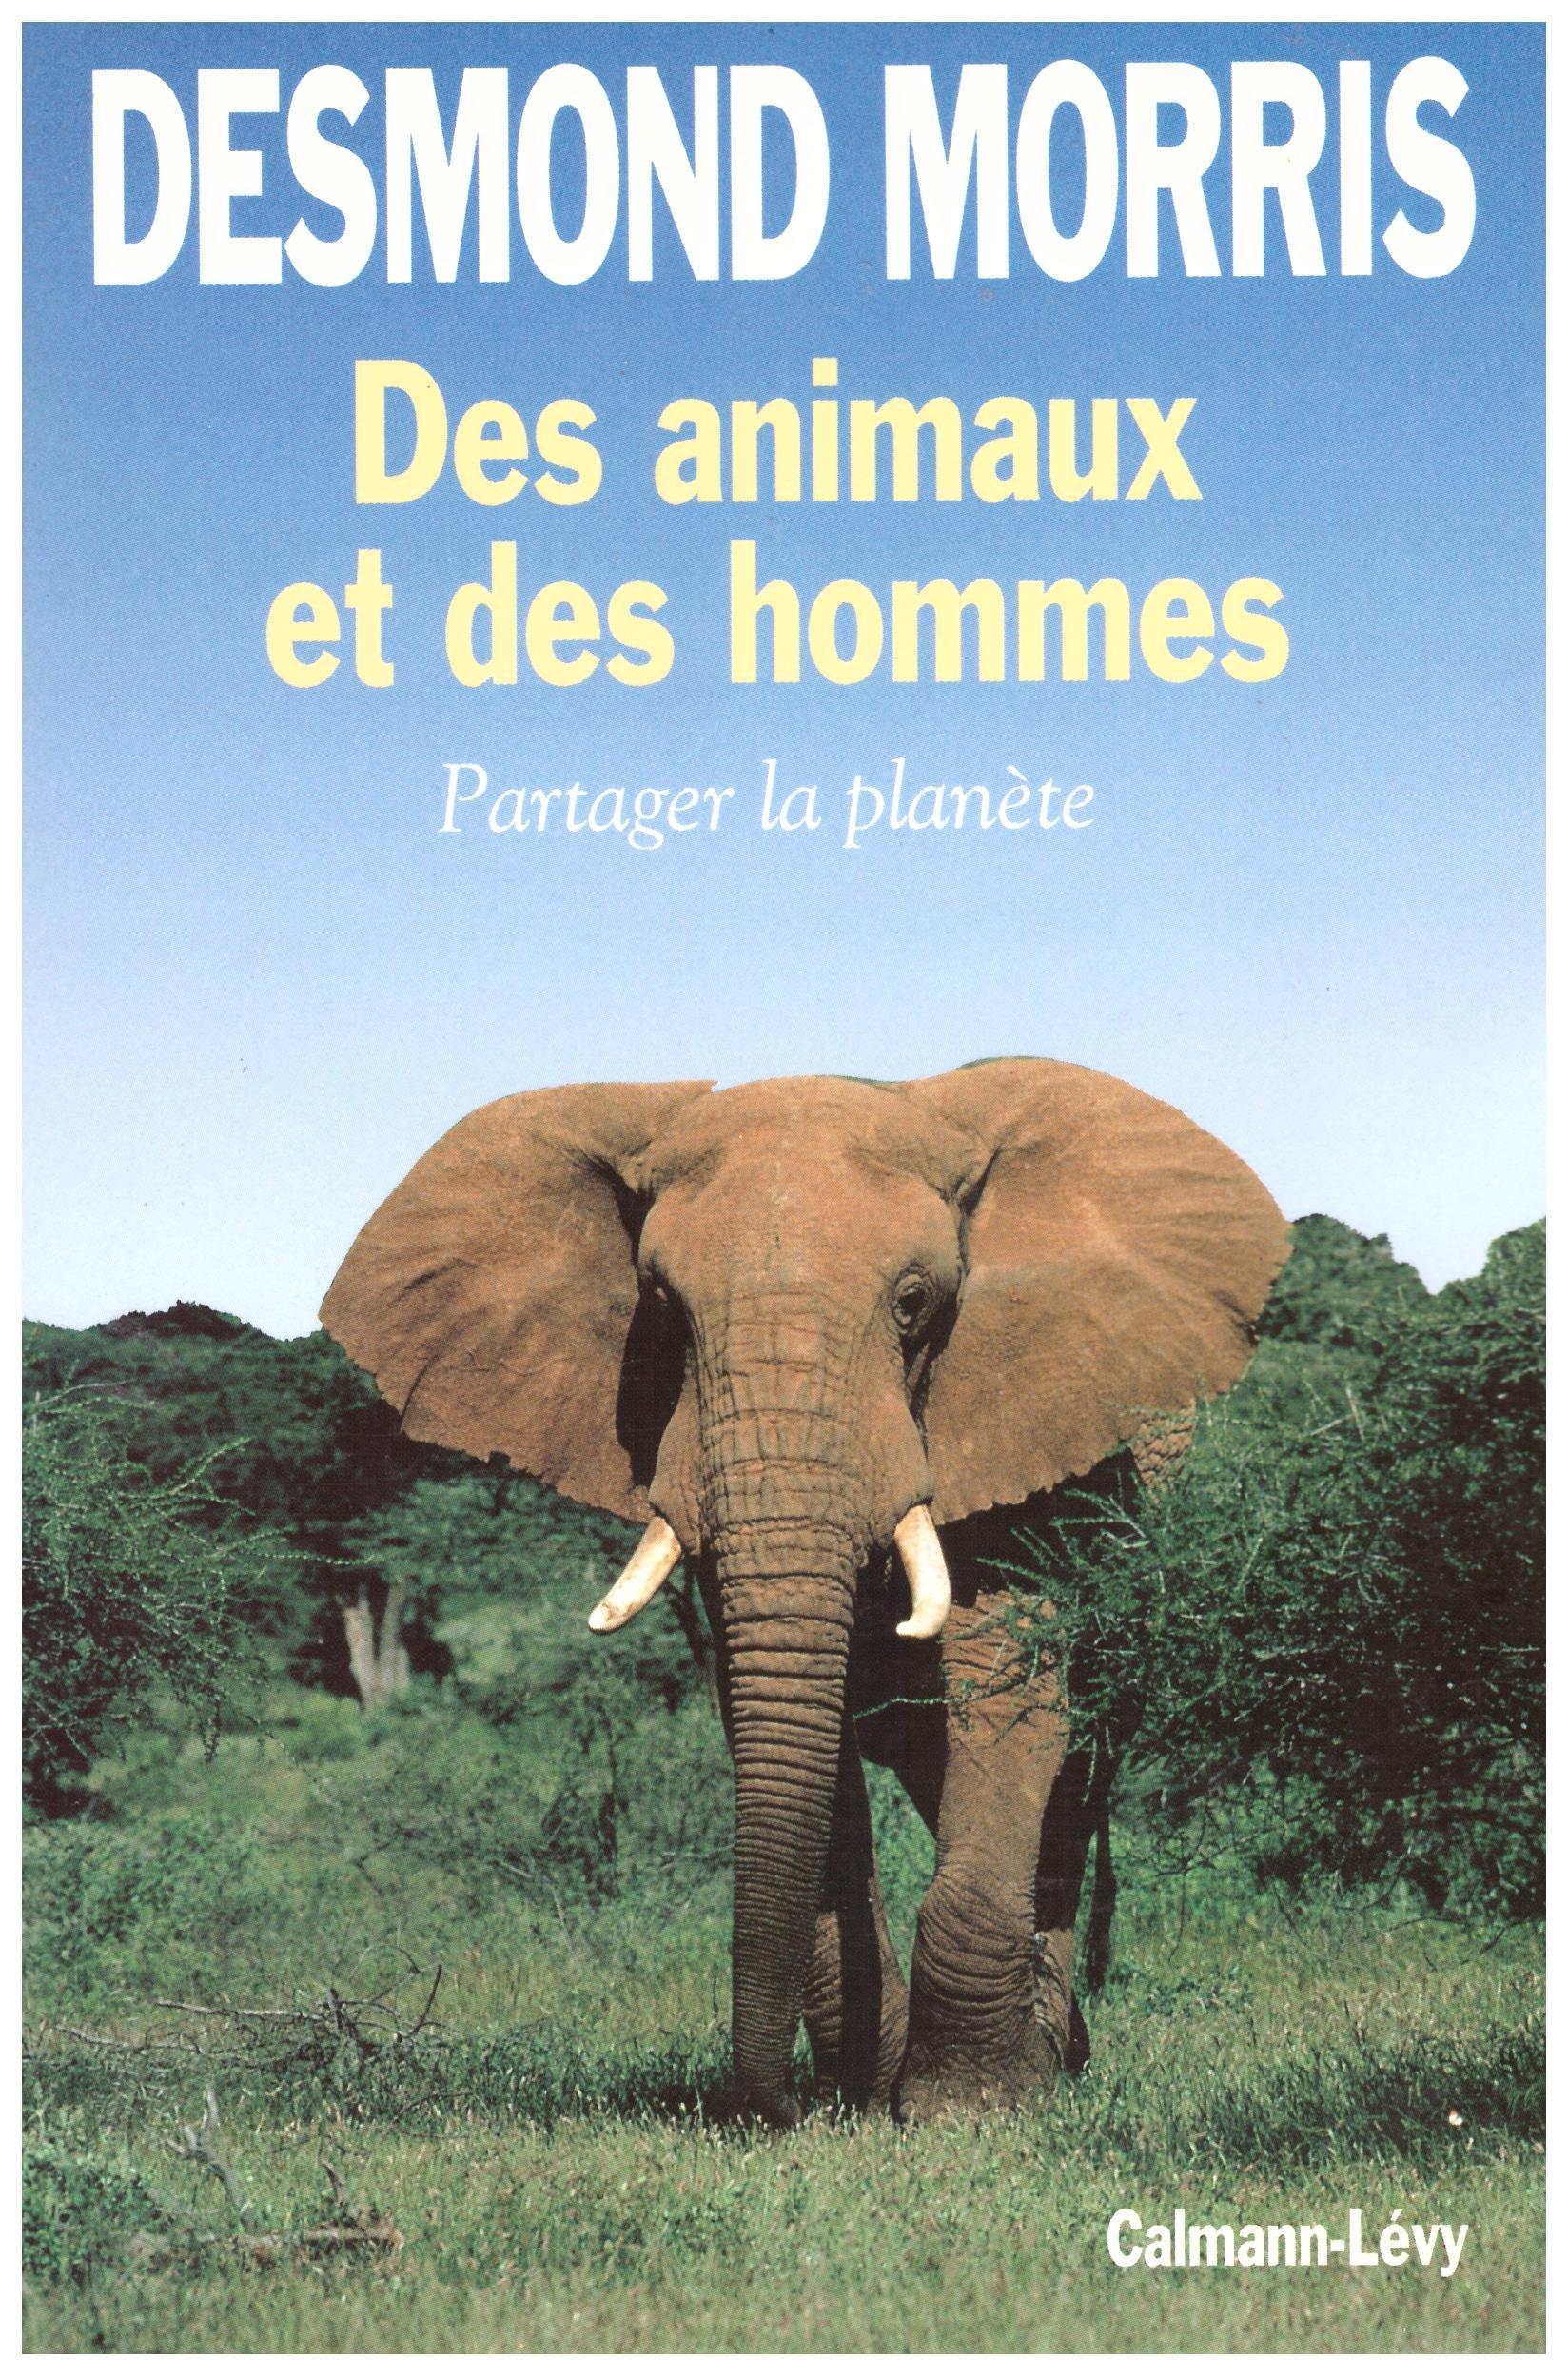 Des animaux et des hommes Broché – 1992 Desmond Morris Calmann-Lévy 2702119484 Animaux - Droits